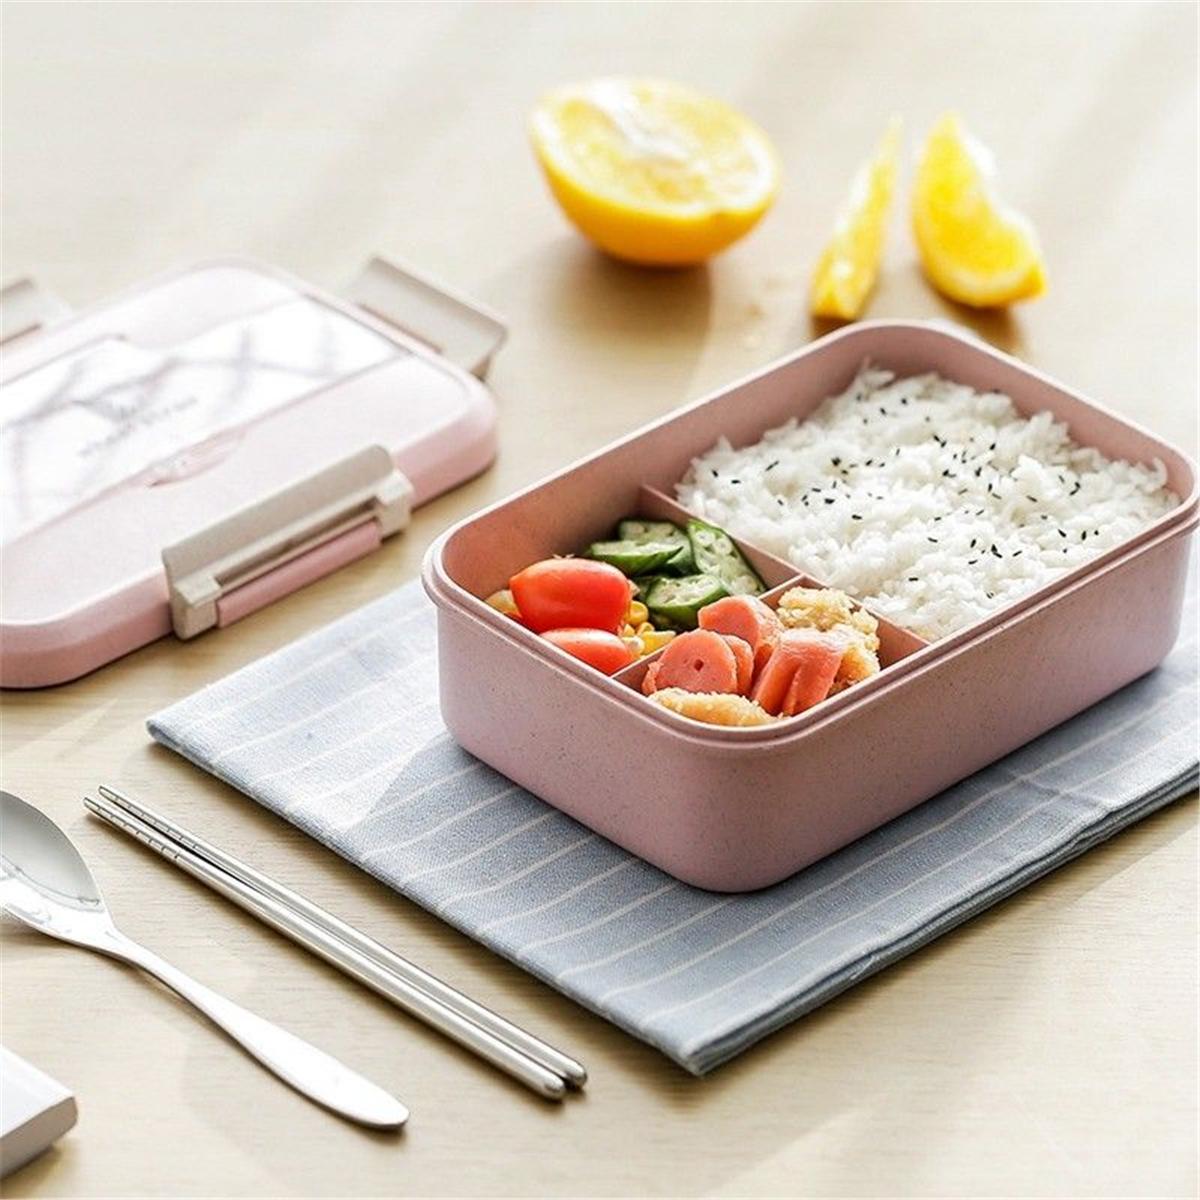 Кухонные ножи и прочие приборы Упаковка с палочками для хранения пищевых баллонов (Фото 6)